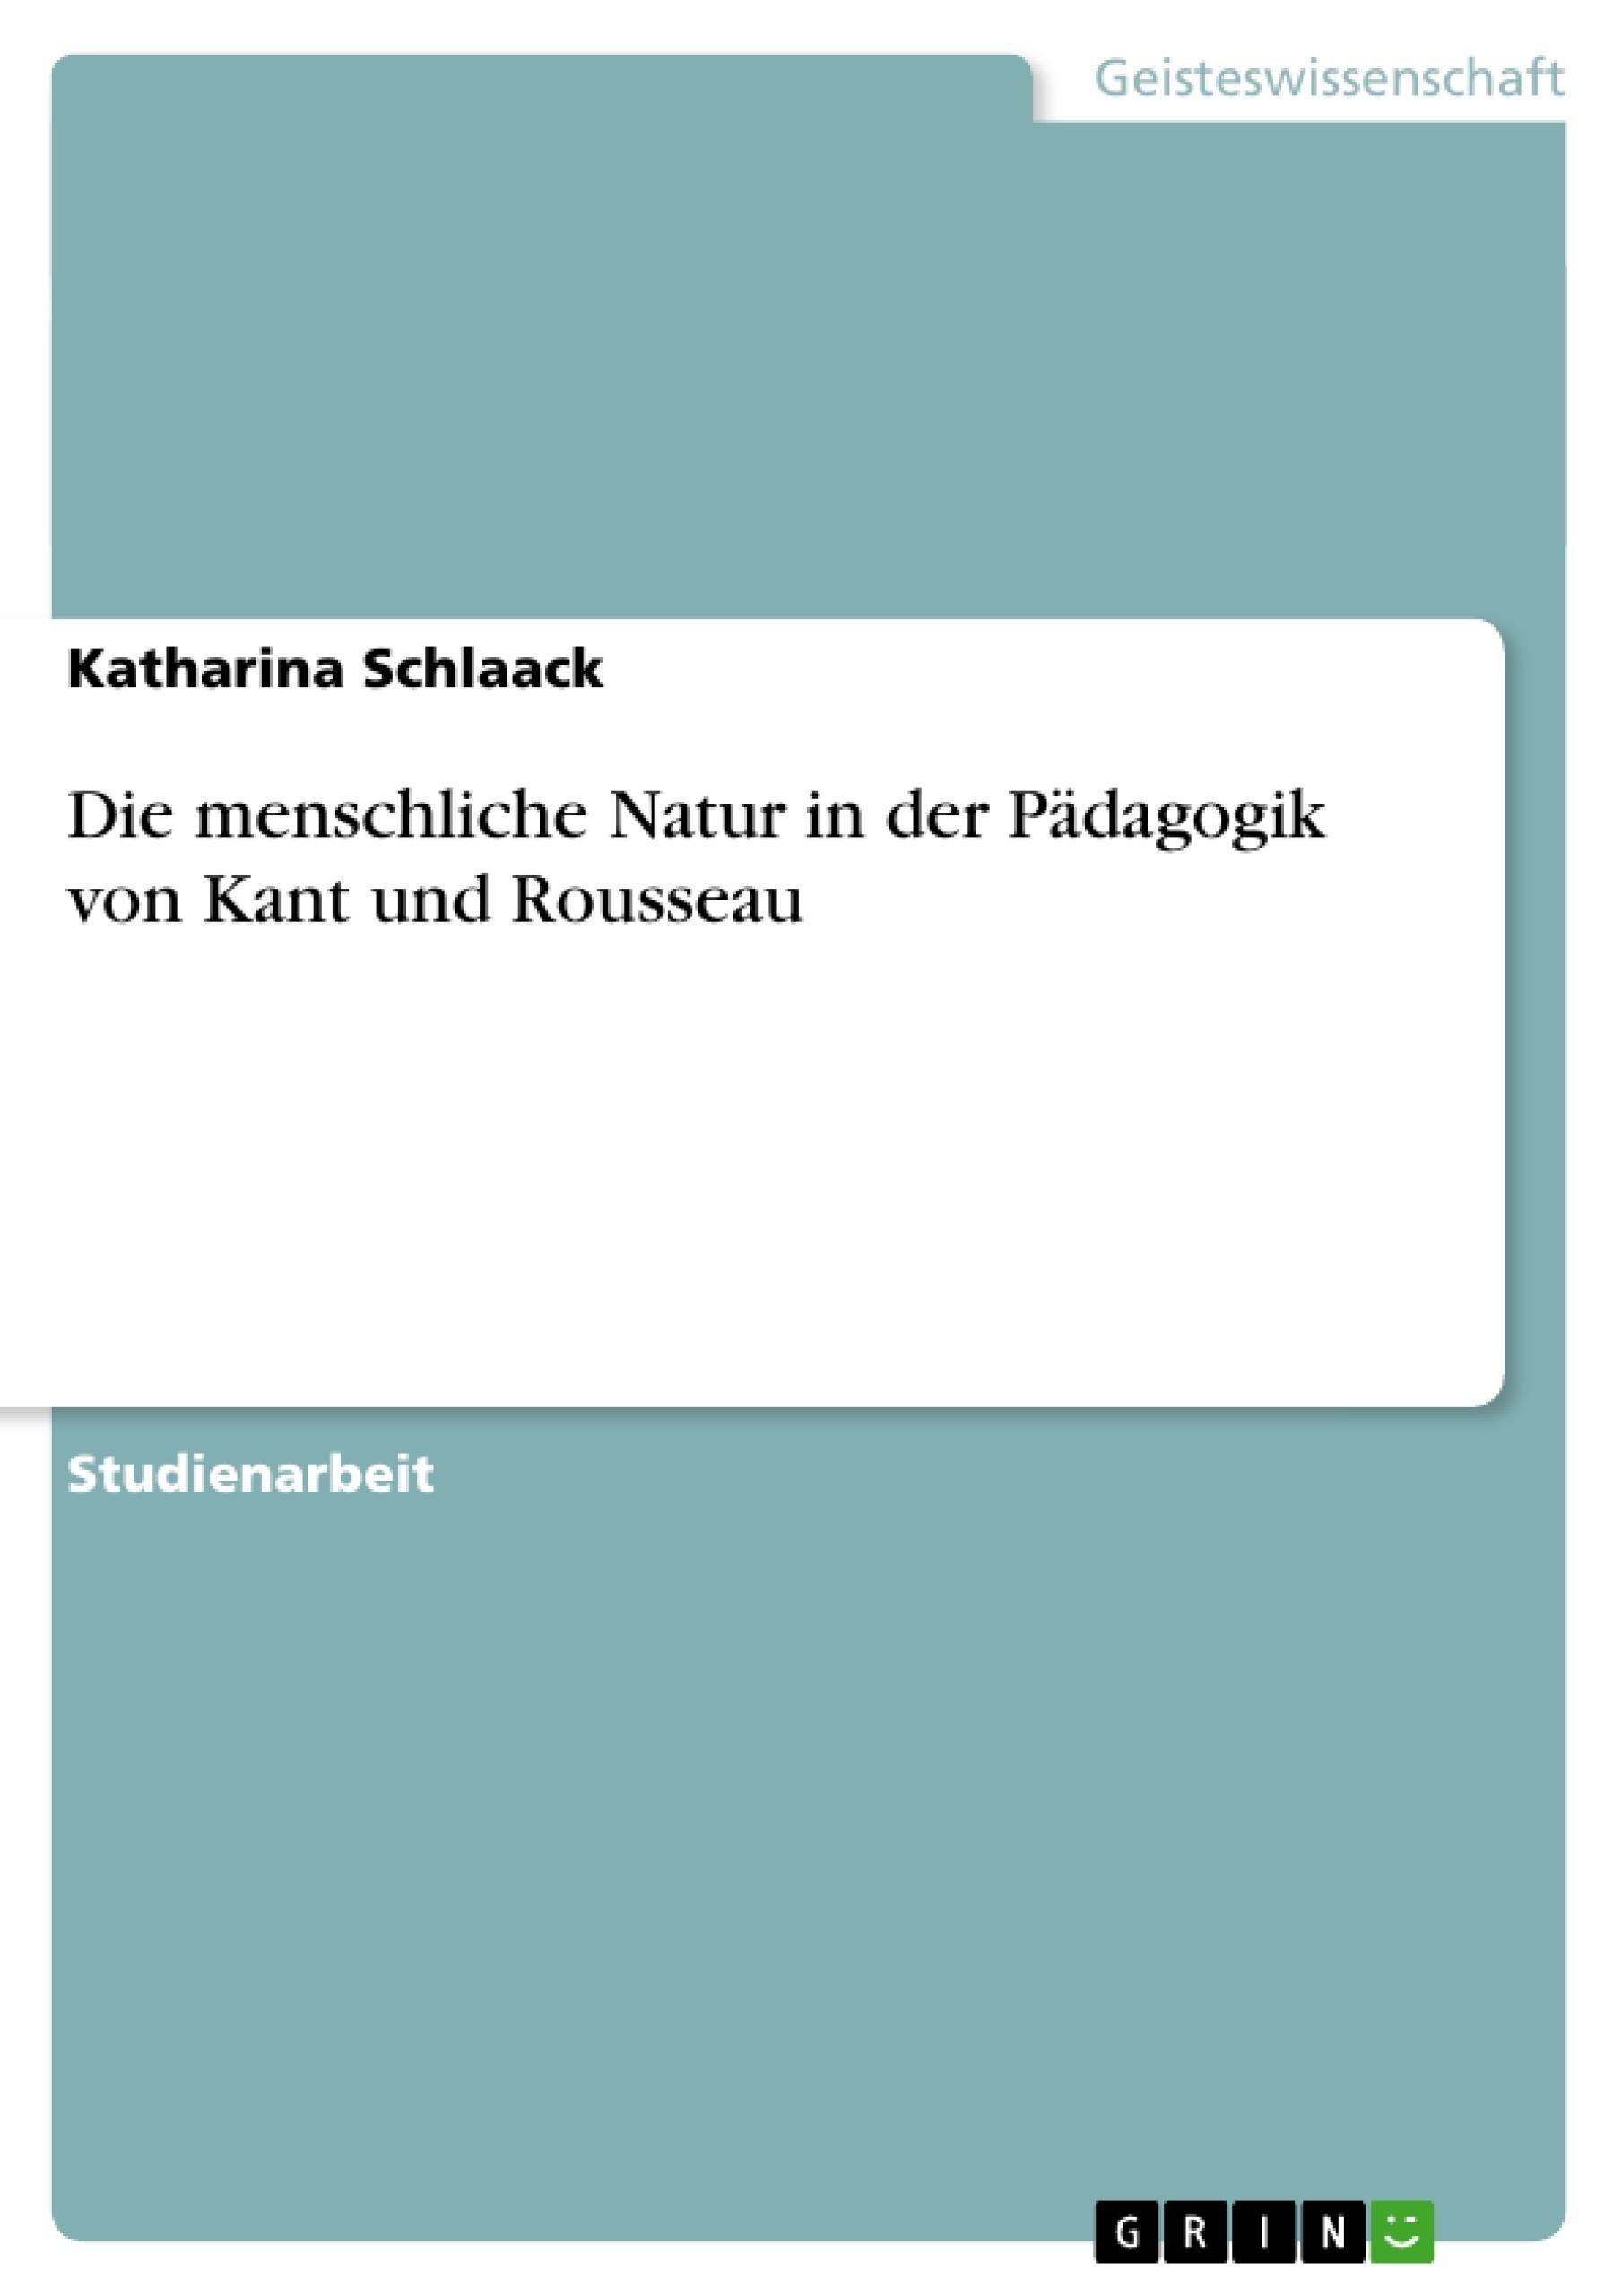 Titel: Die menschliche Natur in der Pädagogik von Kant und Rousseau